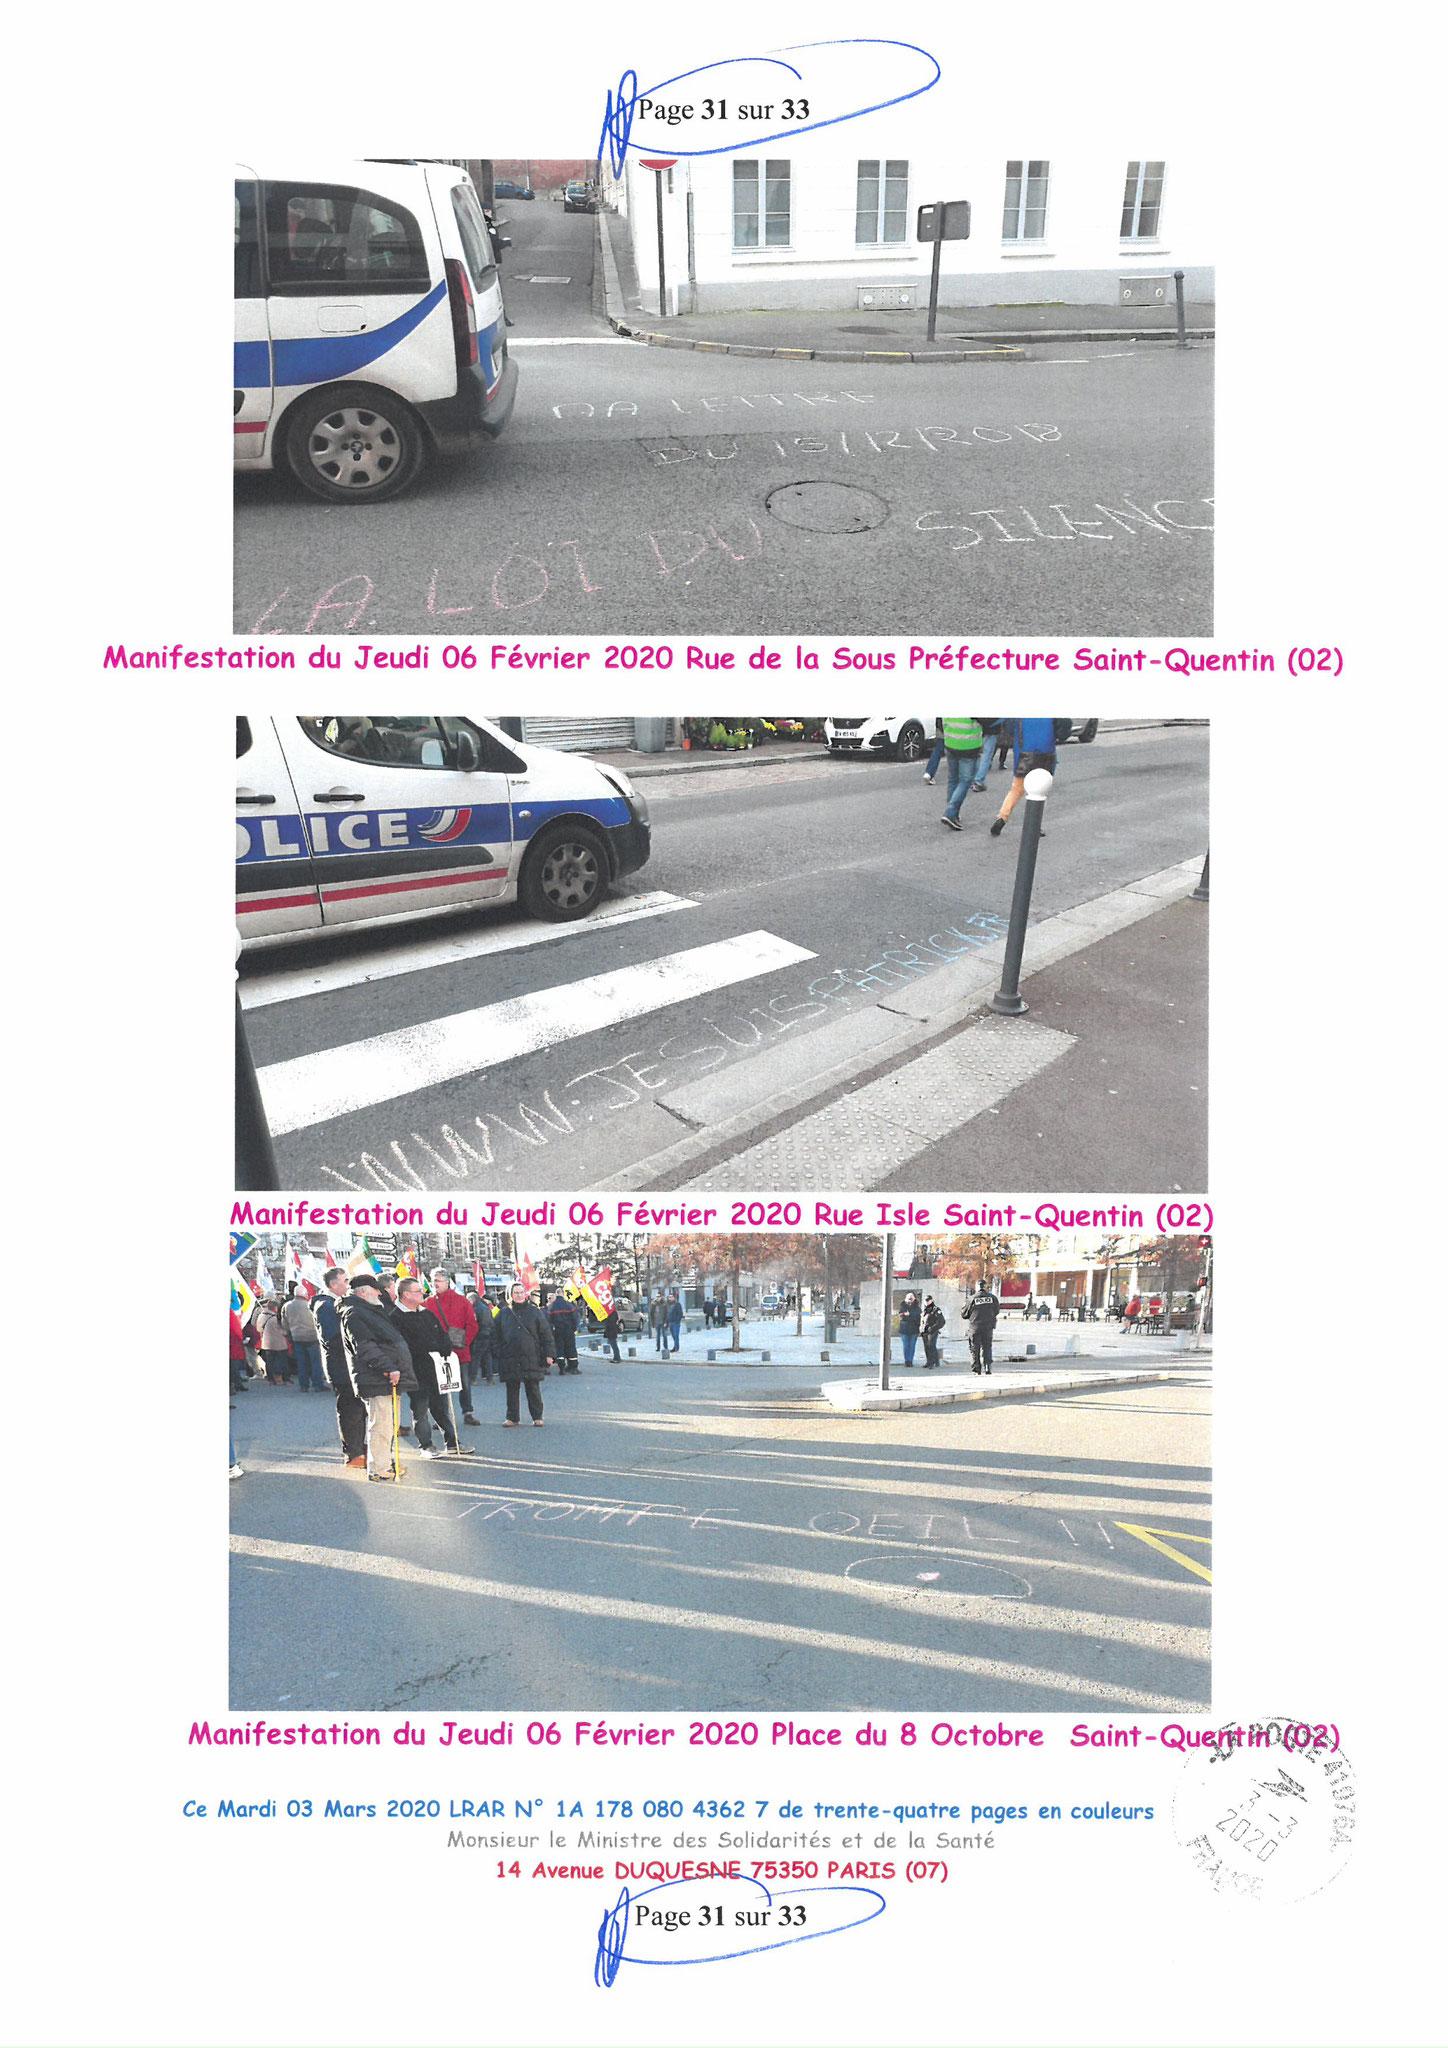 Page 31 sur 33 Ma lettre recommandée N0 1A 178 080 4362 7 du 03 Mars 2020 à Monsieur Olivier VERAN le Ministre de la Santé et des Solidarités www.jesuispatrick.fr